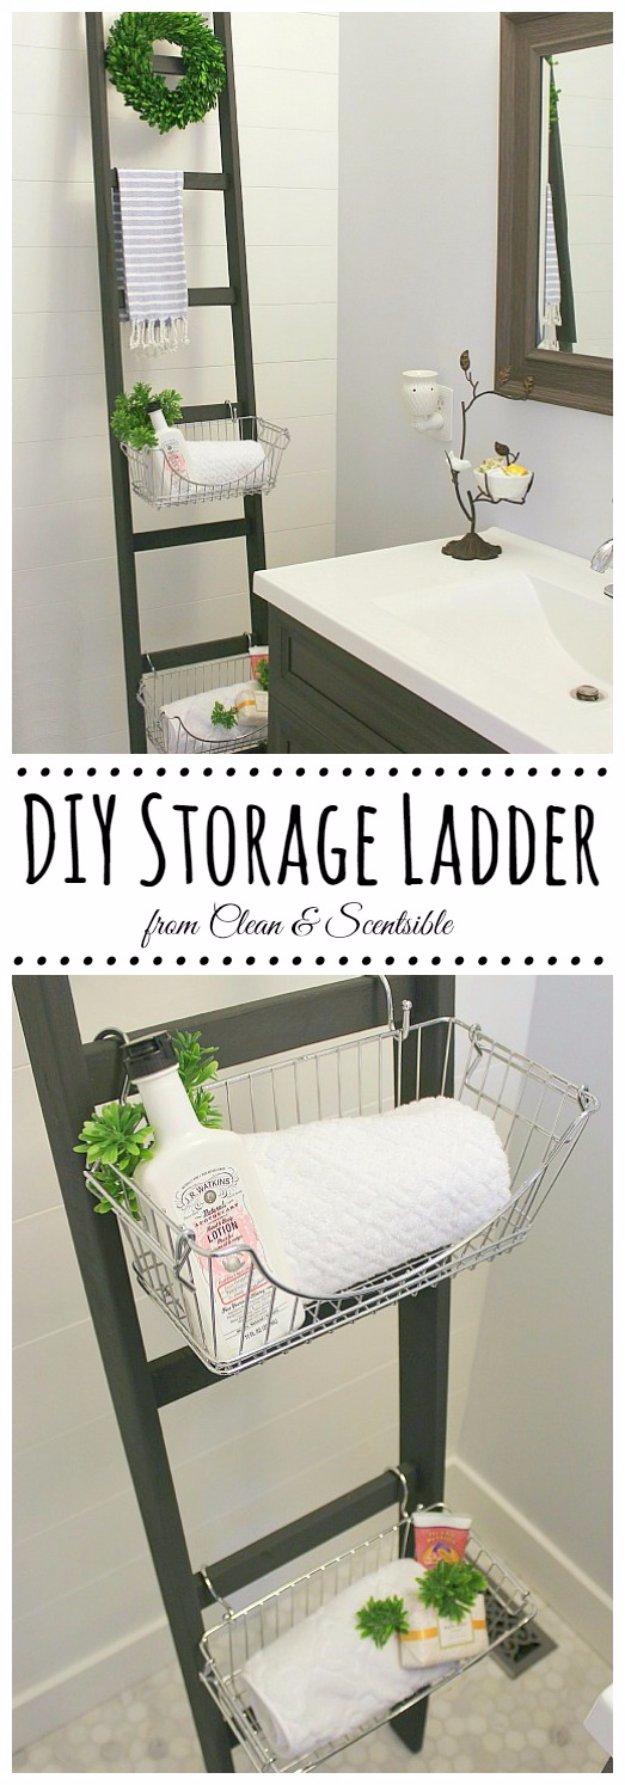 DIY Bathroom Decor Ideas - DIY Bathroom Storage Ladder - Cool Do It Yourself Bath Ideas on A Budget, Rustic Bathroom Fixtures, Creative Wall Art, Rugs mason jar idea bath diy